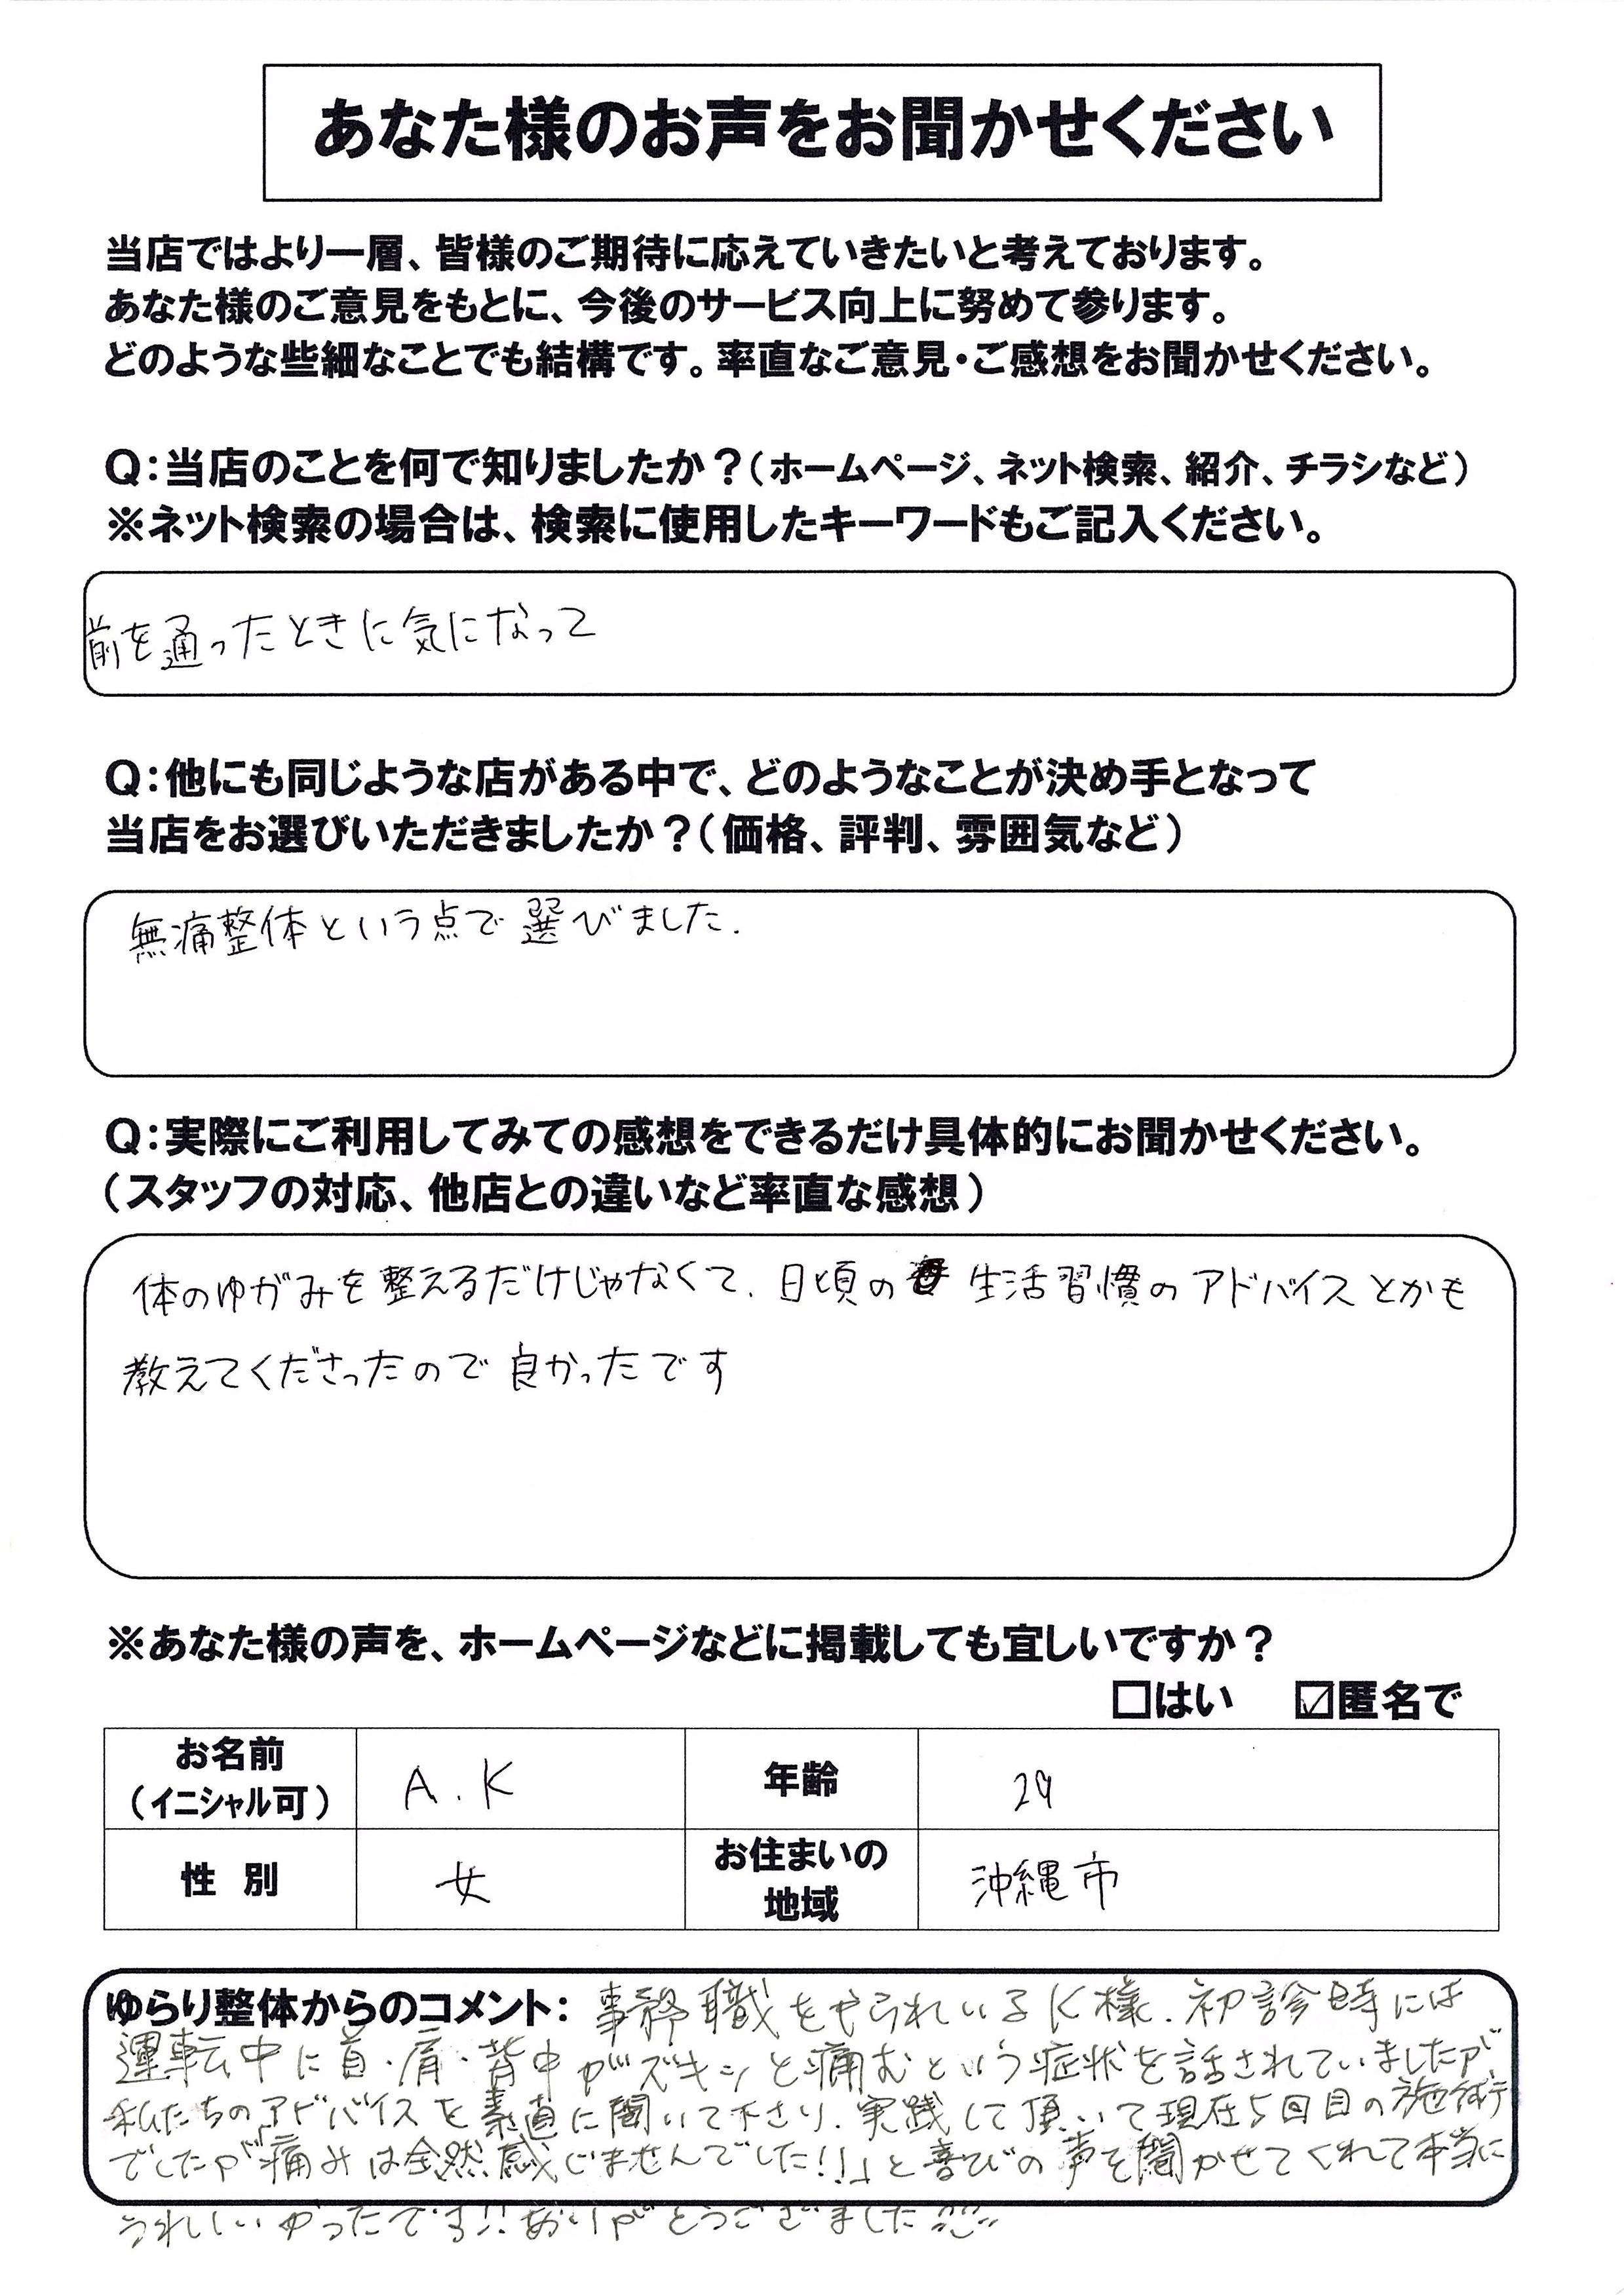 狩俣玲さんアンケート